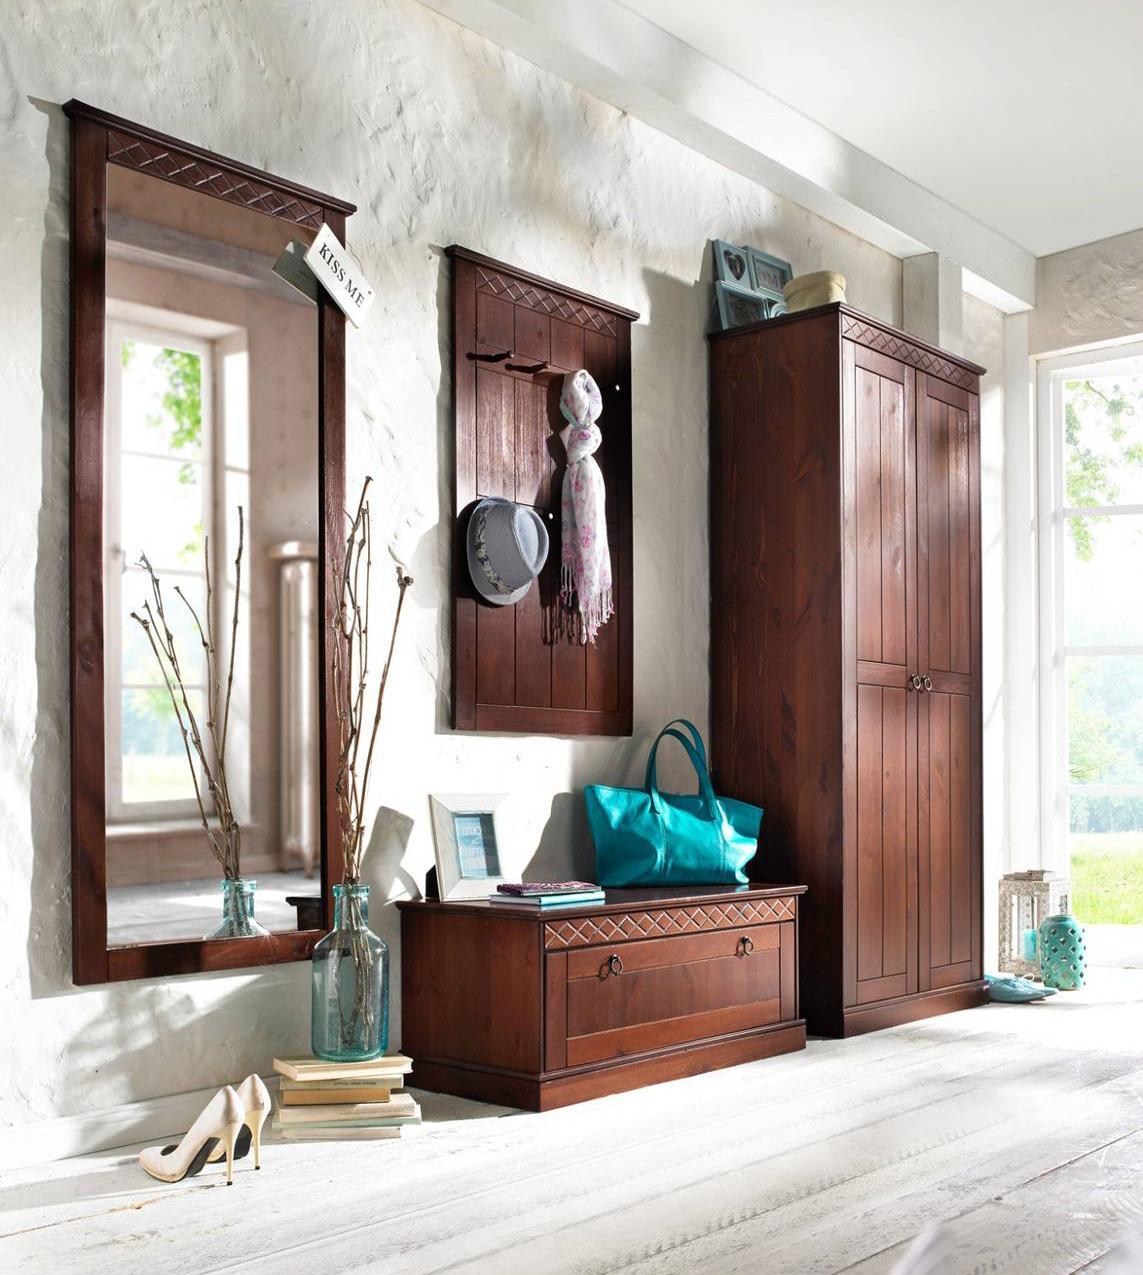 Ingresso Casa Esterno In Pietra casa in stile country: protagonisti legno e materiali grezzi